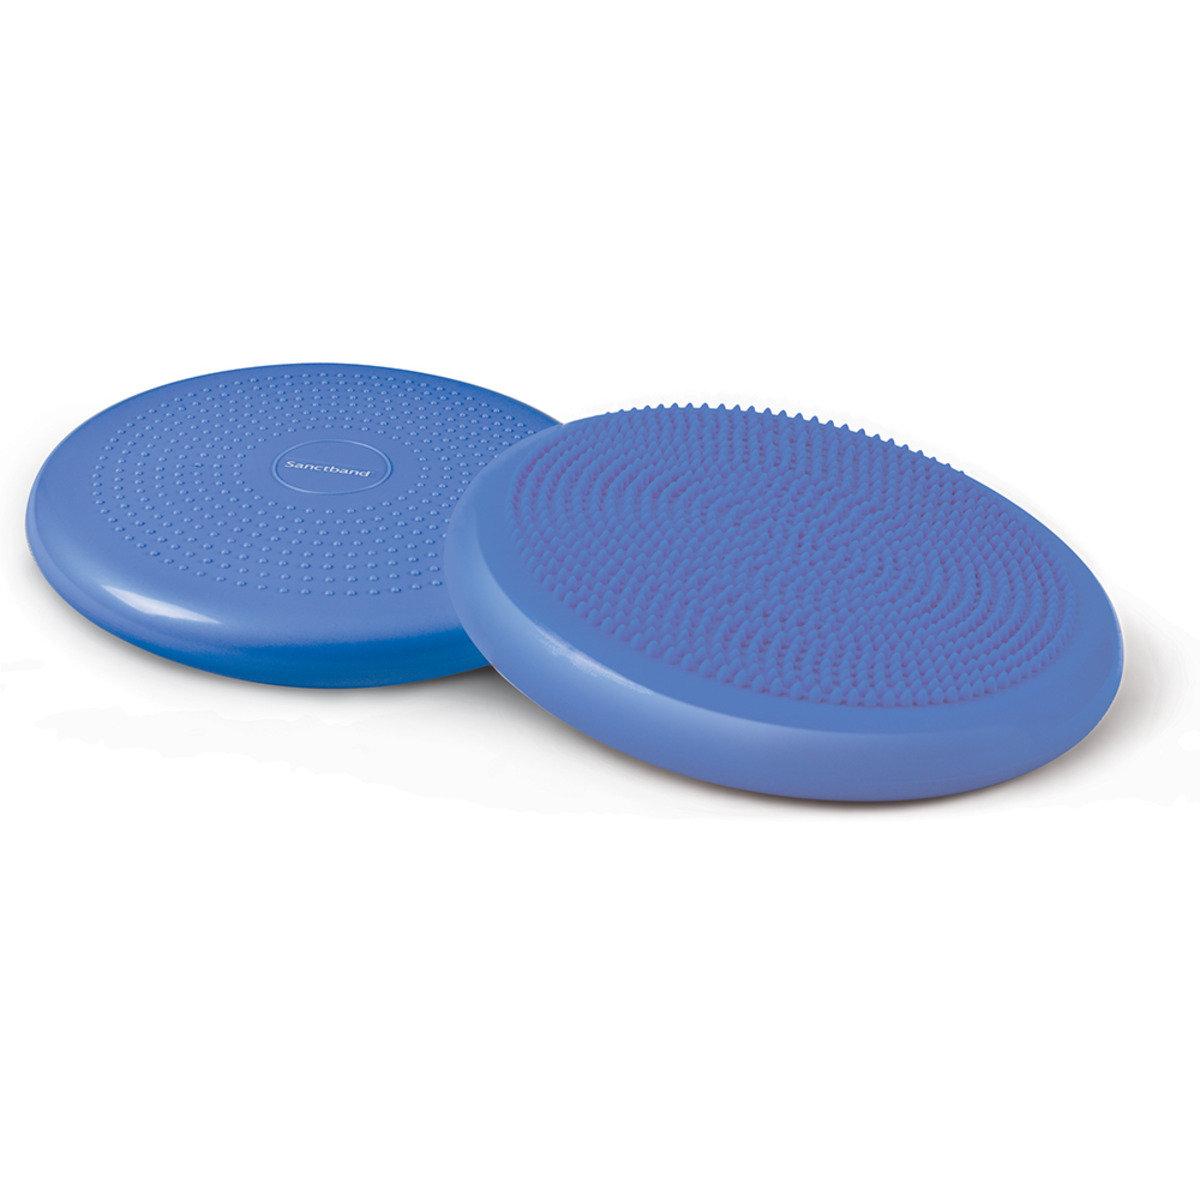 平衡墊 (藍色)